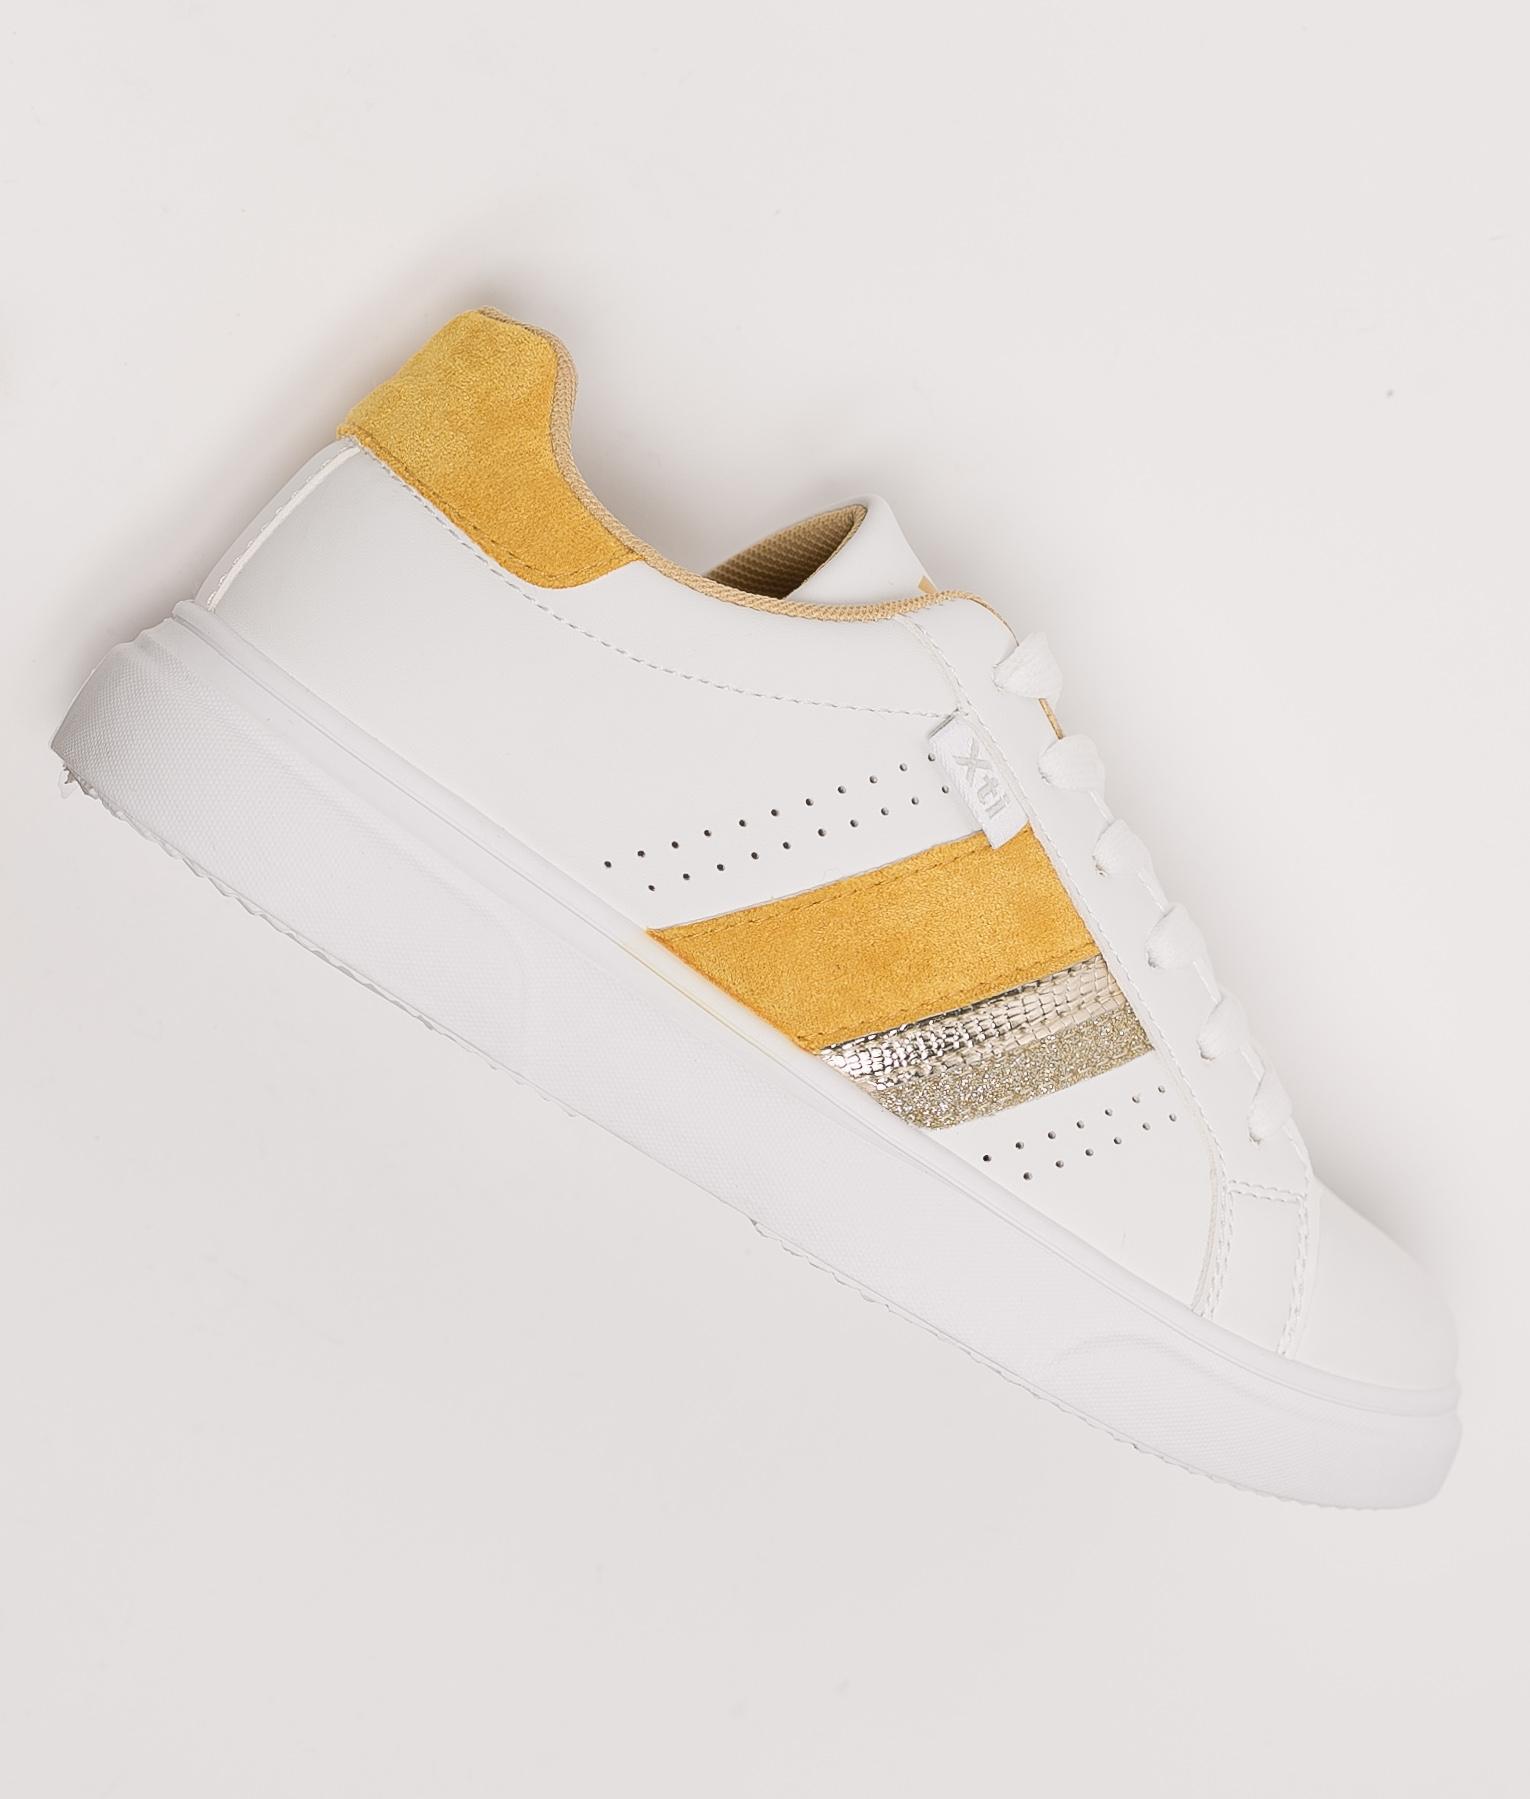 Sneakers Neus Xti- Yellow